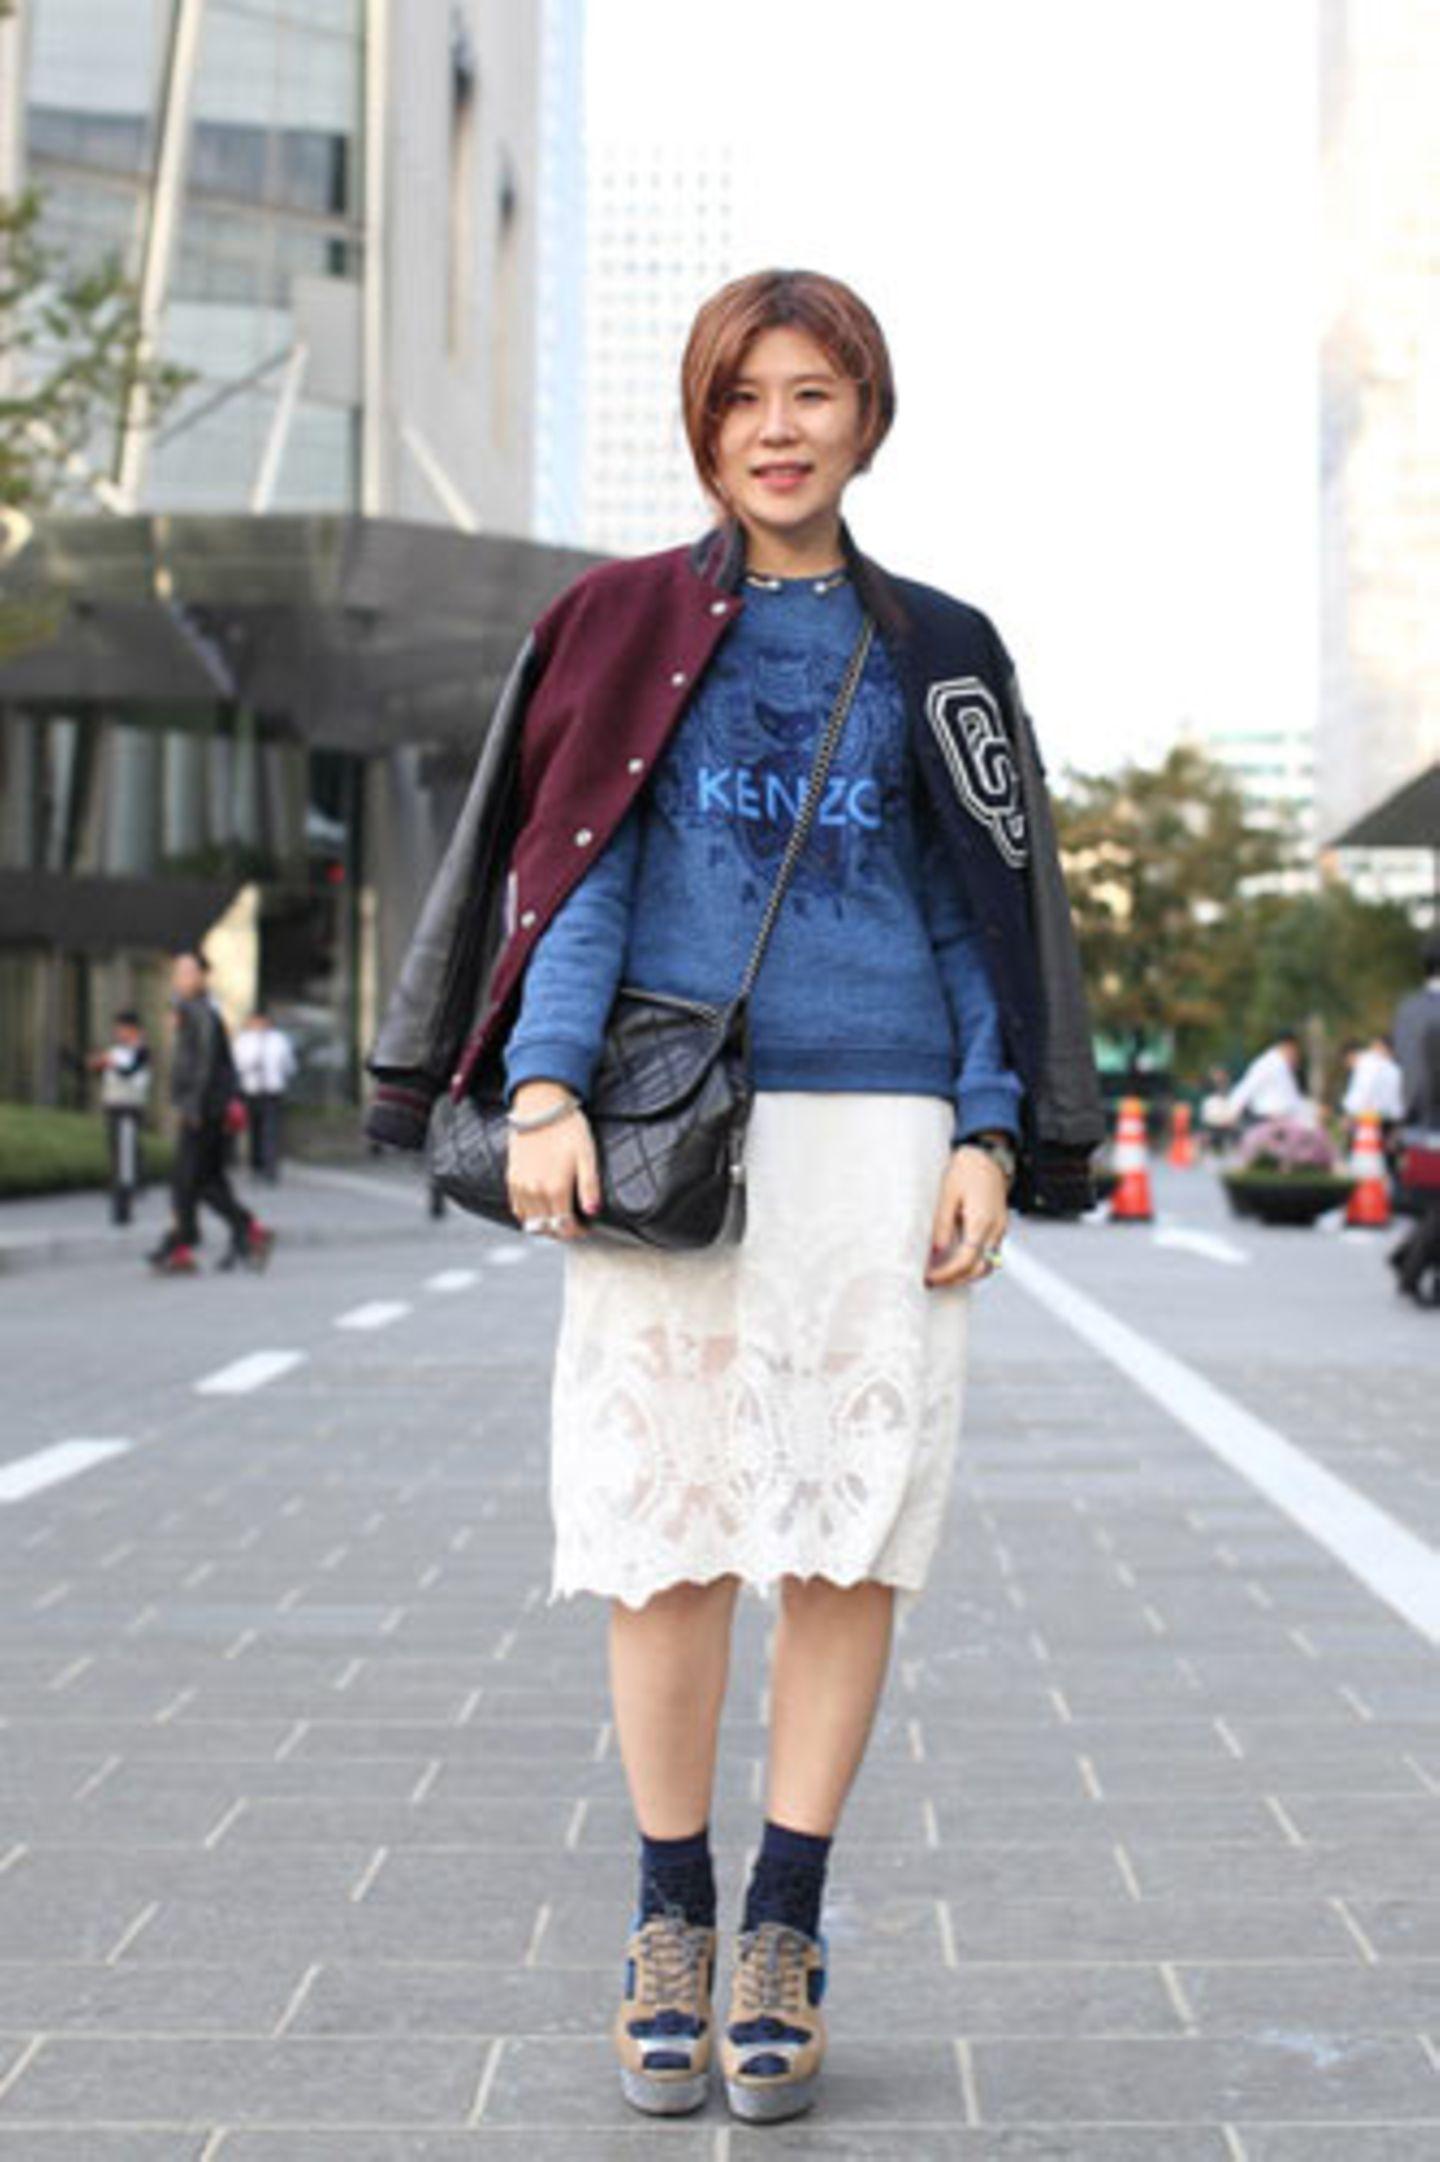 Die südkoreanische Bloggerin Stacey Young von StyleSophomore hat für uns stilsichere junge Damen auf den Straßen von Seoul fotografiert. Dabei fällt auf: Kenzo ist in Ostasien mindestens genauso beliebt wie bei uns. Zum Pulli mit dem typischem Schriftzug trägt Boram Seo einen Rock aus weißer Spitze, eine College-Jacke von Opening Ceremony und Schuhe von Opening Ceremony x Adidas. Mehr bei BRIGITTE Look der Woche: Stil aus Seoul zum Nachstylen Switcheroo: Wenn Paare ihre Kleider tauschen Streetstyle New York - Stil für Fortgeschrittene